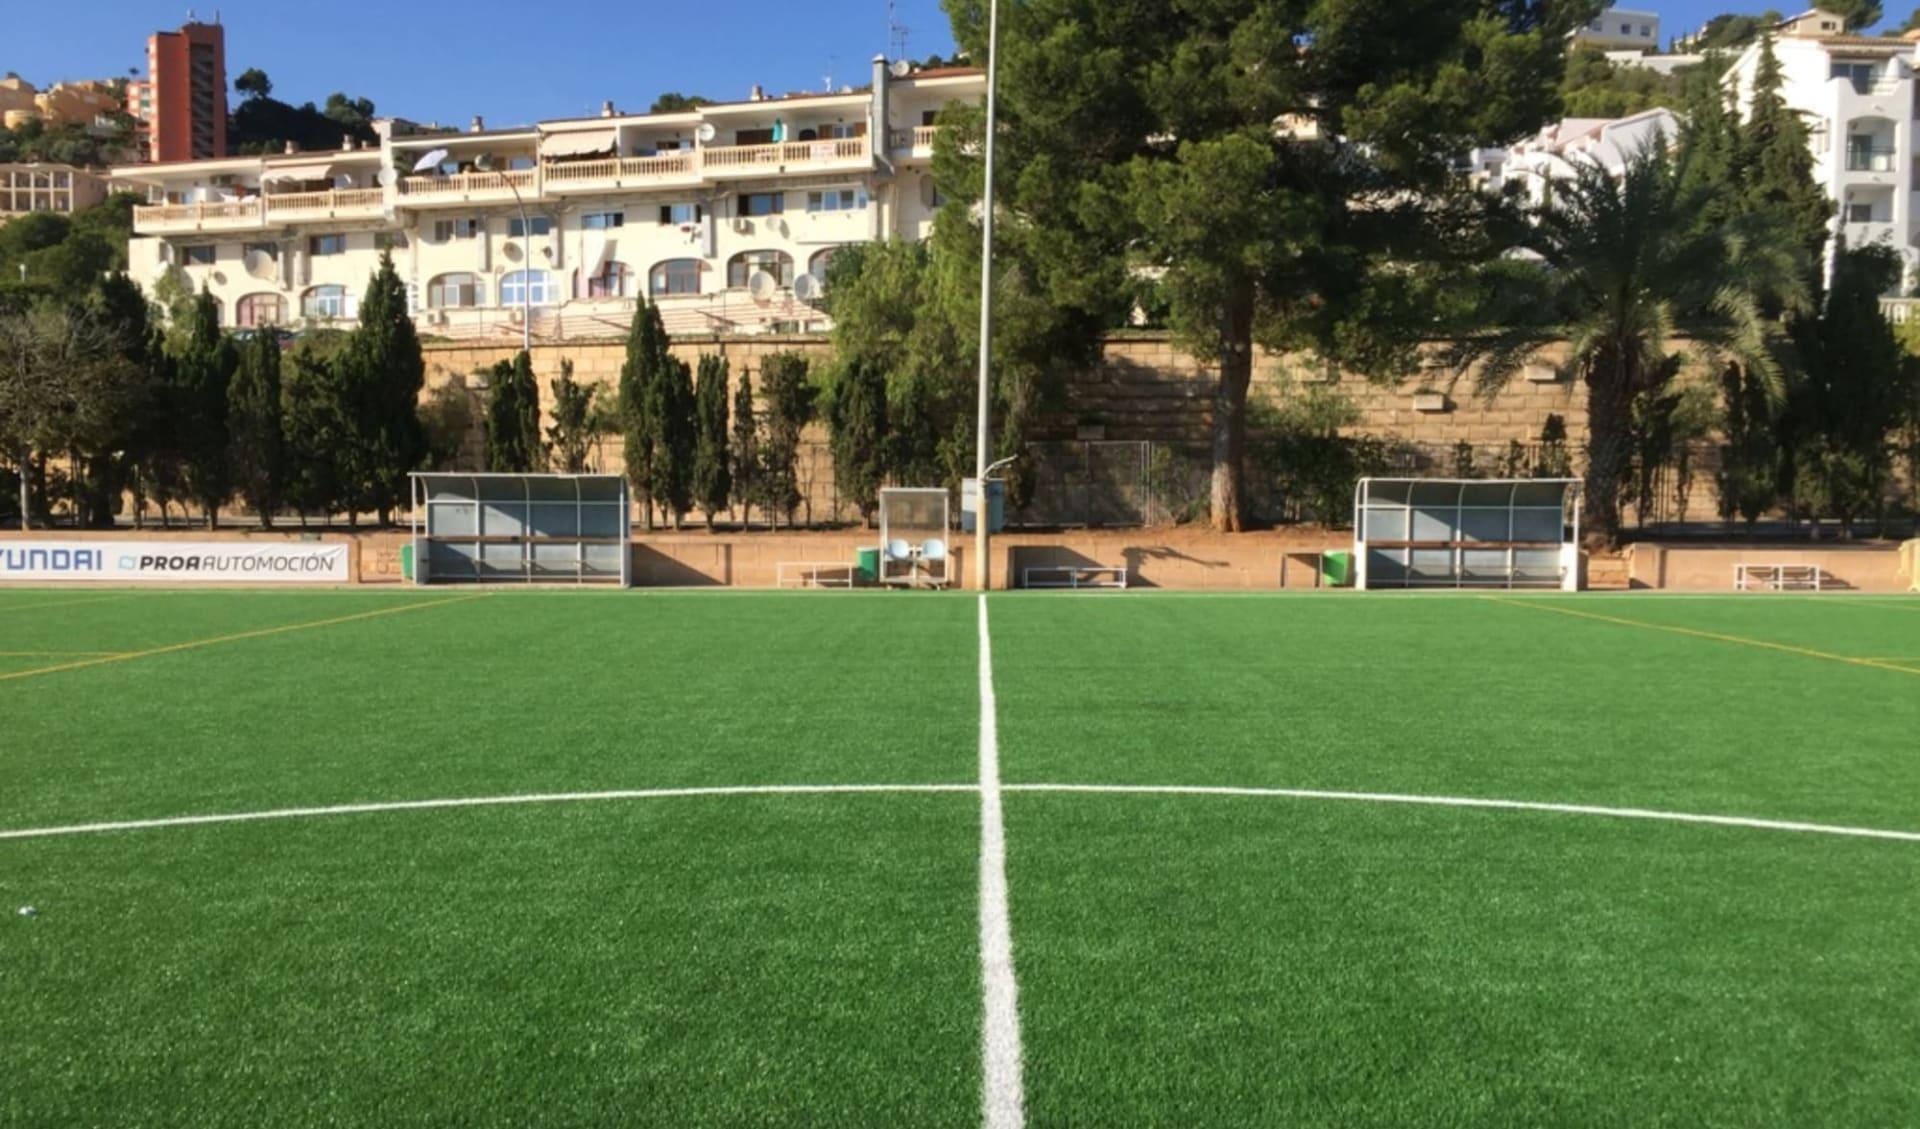 Mallorca - Hotel Zafiro Don Jaime: A1_FOOTBALL PITCH 07